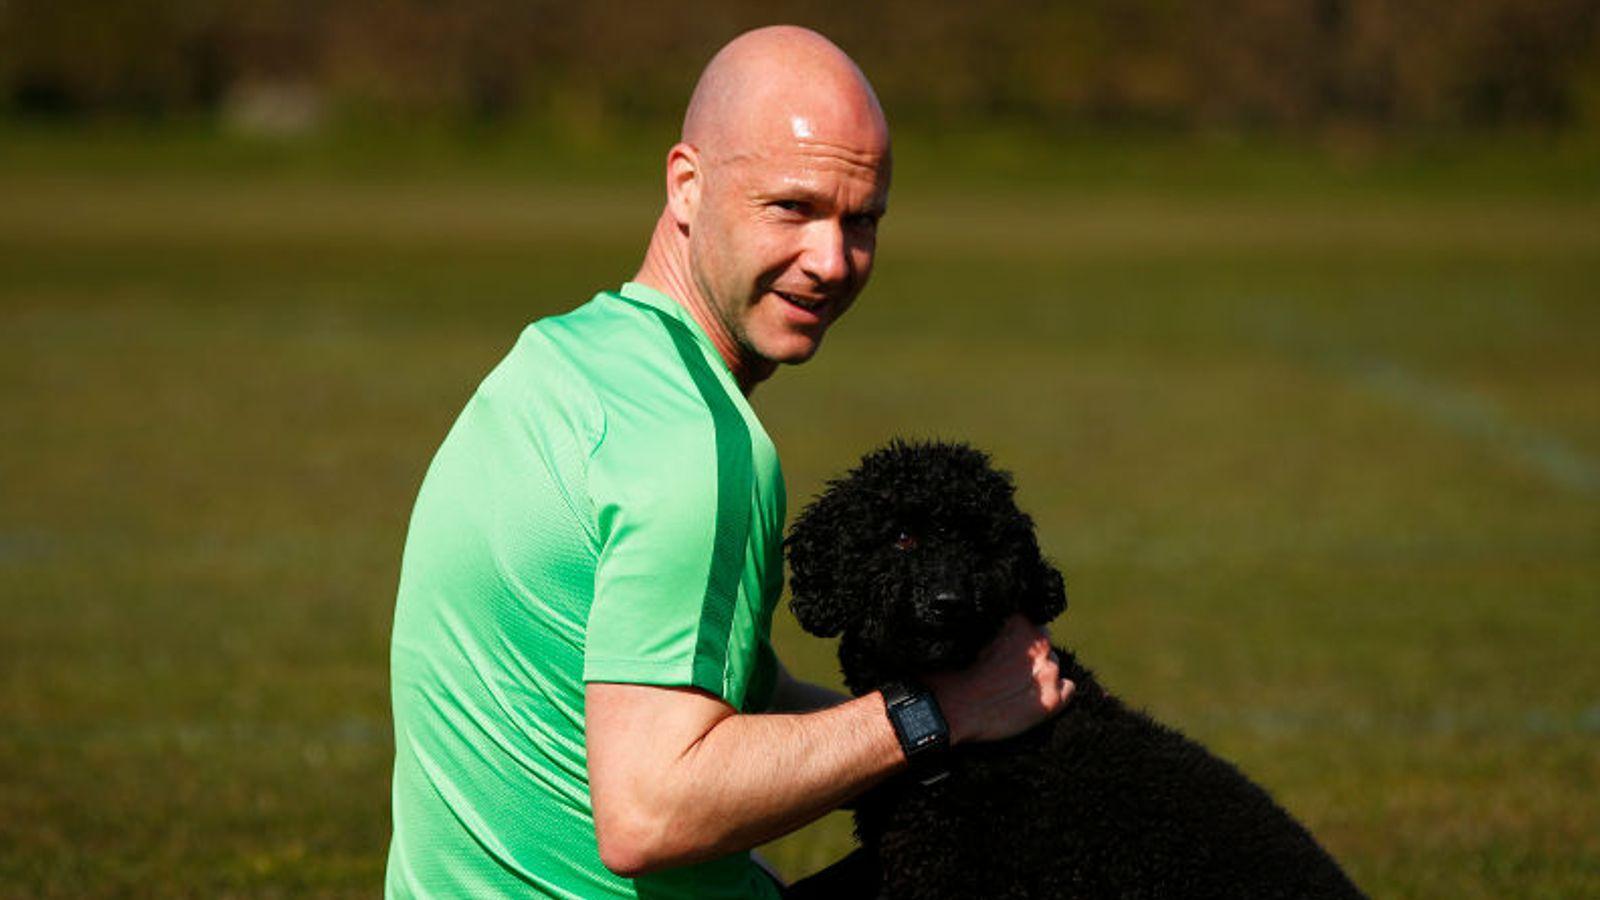 Anthony Taylor sobre por qué se ha convertido en voluntario del NHS y arbitra a puerta cerrada | Noticias de futbol 37